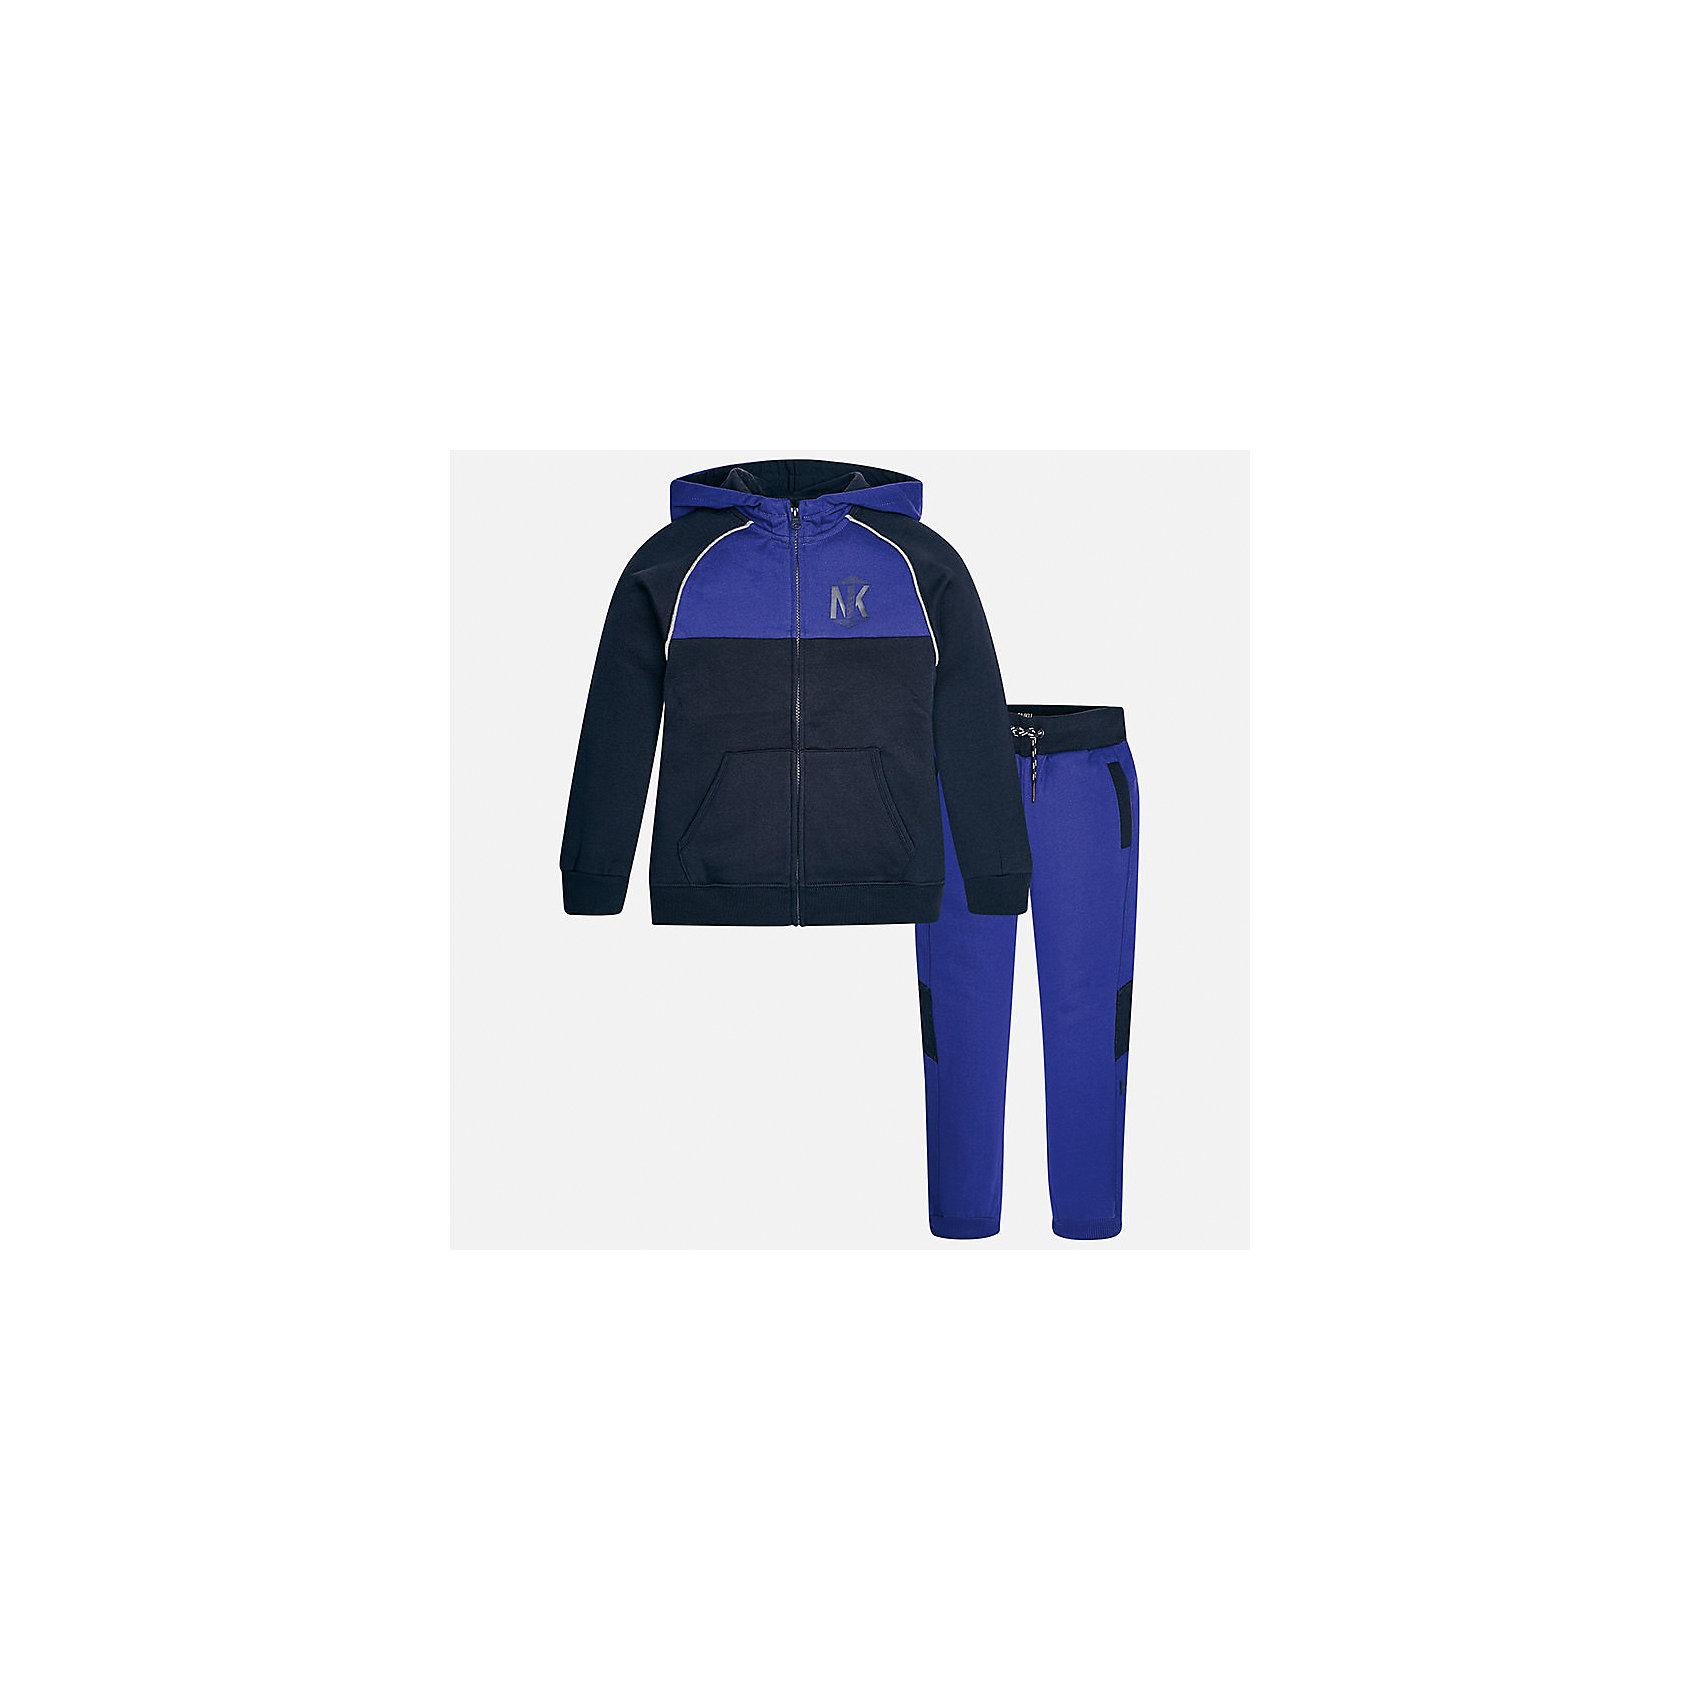 Спортивный костюм для мальчика MayoralКомплекты<br>Характеристики товара:<br><br>• цвет: синий<br>• комплектация: курточка и брюки<br>• состав ткани курточки: 60% хлопок, 40% полиэстер<br>• состав ткани брюк: 60% хлопок, 40% полиэстер<br>• длинные рукава<br>• застежка: молния<br>• пояс: резинка и шнурок<br>• особенности модели: спортивный стиль<br>• сезон: демисезон<br>• страна бренда: Испания<br>• страна изготовитель: Индия<br><br>Модный комплект для занятий спортом состоит из курточки с капюшоном и брюк. Целая команда талантливых европейских дизайнеров работала над созданием этого детского спортивного костюма. Спортивный костюм для ребенка сшит из качественного материала с преобладанием натурального хлопка в составе. <br><br>Спортивный костюм для мальчика Mayoral (Майорал) можно купить в нашем интернет-магазине.<br><br>Ширина мм: 247<br>Глубина мм: 16<br>Высота мм: 140<br>Вес г: 225<br>Цвет: синий<br>Возраст от месяцев: 168<br>Возраст до месяцев: 180<br>Пол: Мужской<br>Возраст: Детский<br>Размер: 170,128/134,140,152,158,164<br>SKU: 6939027